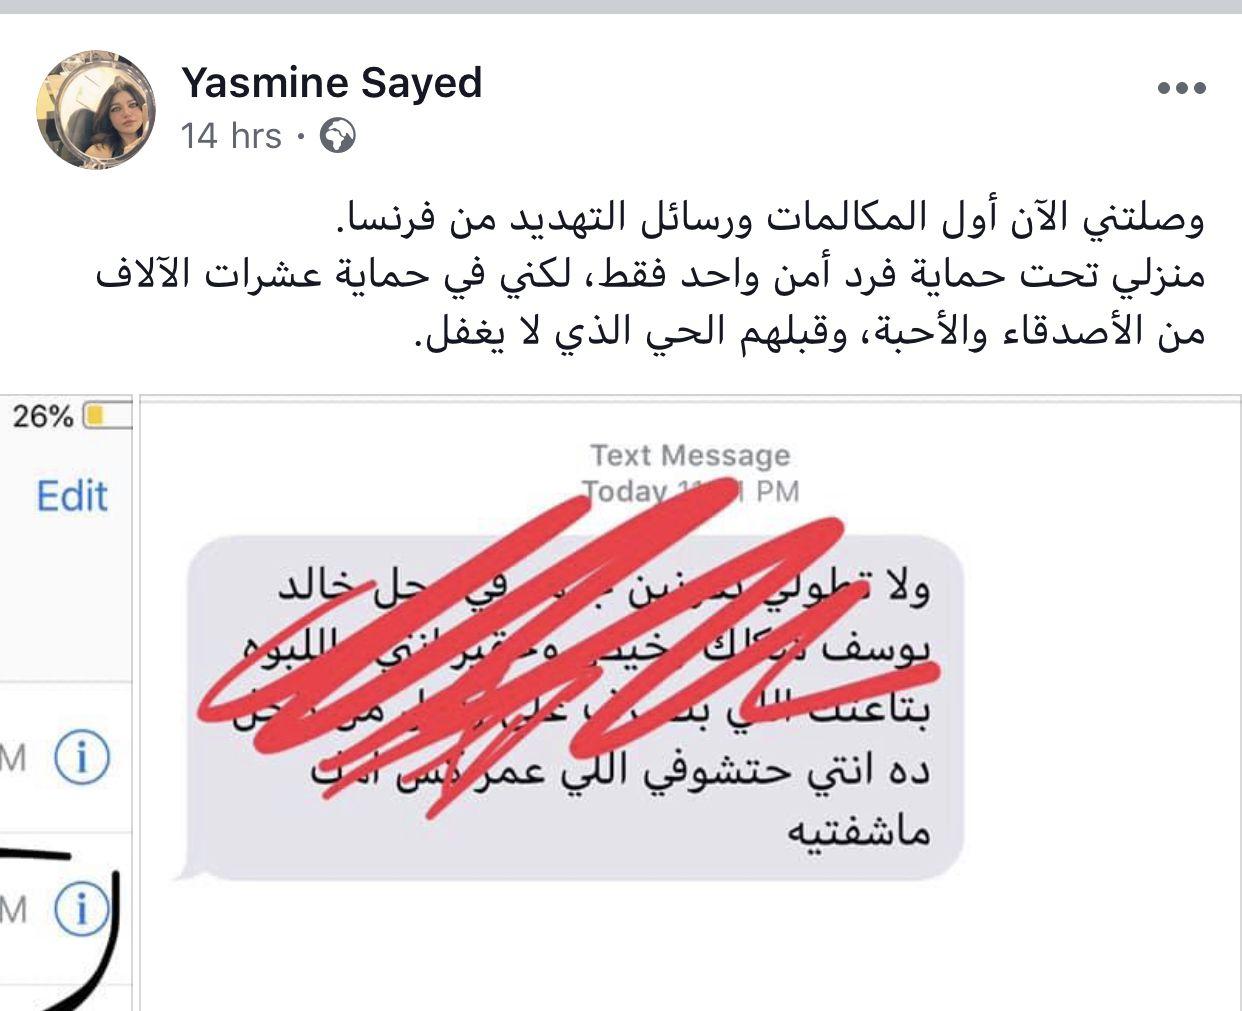 ياسمين الخطيب تتحدث عن تهديد ومكالمات من فرنسا